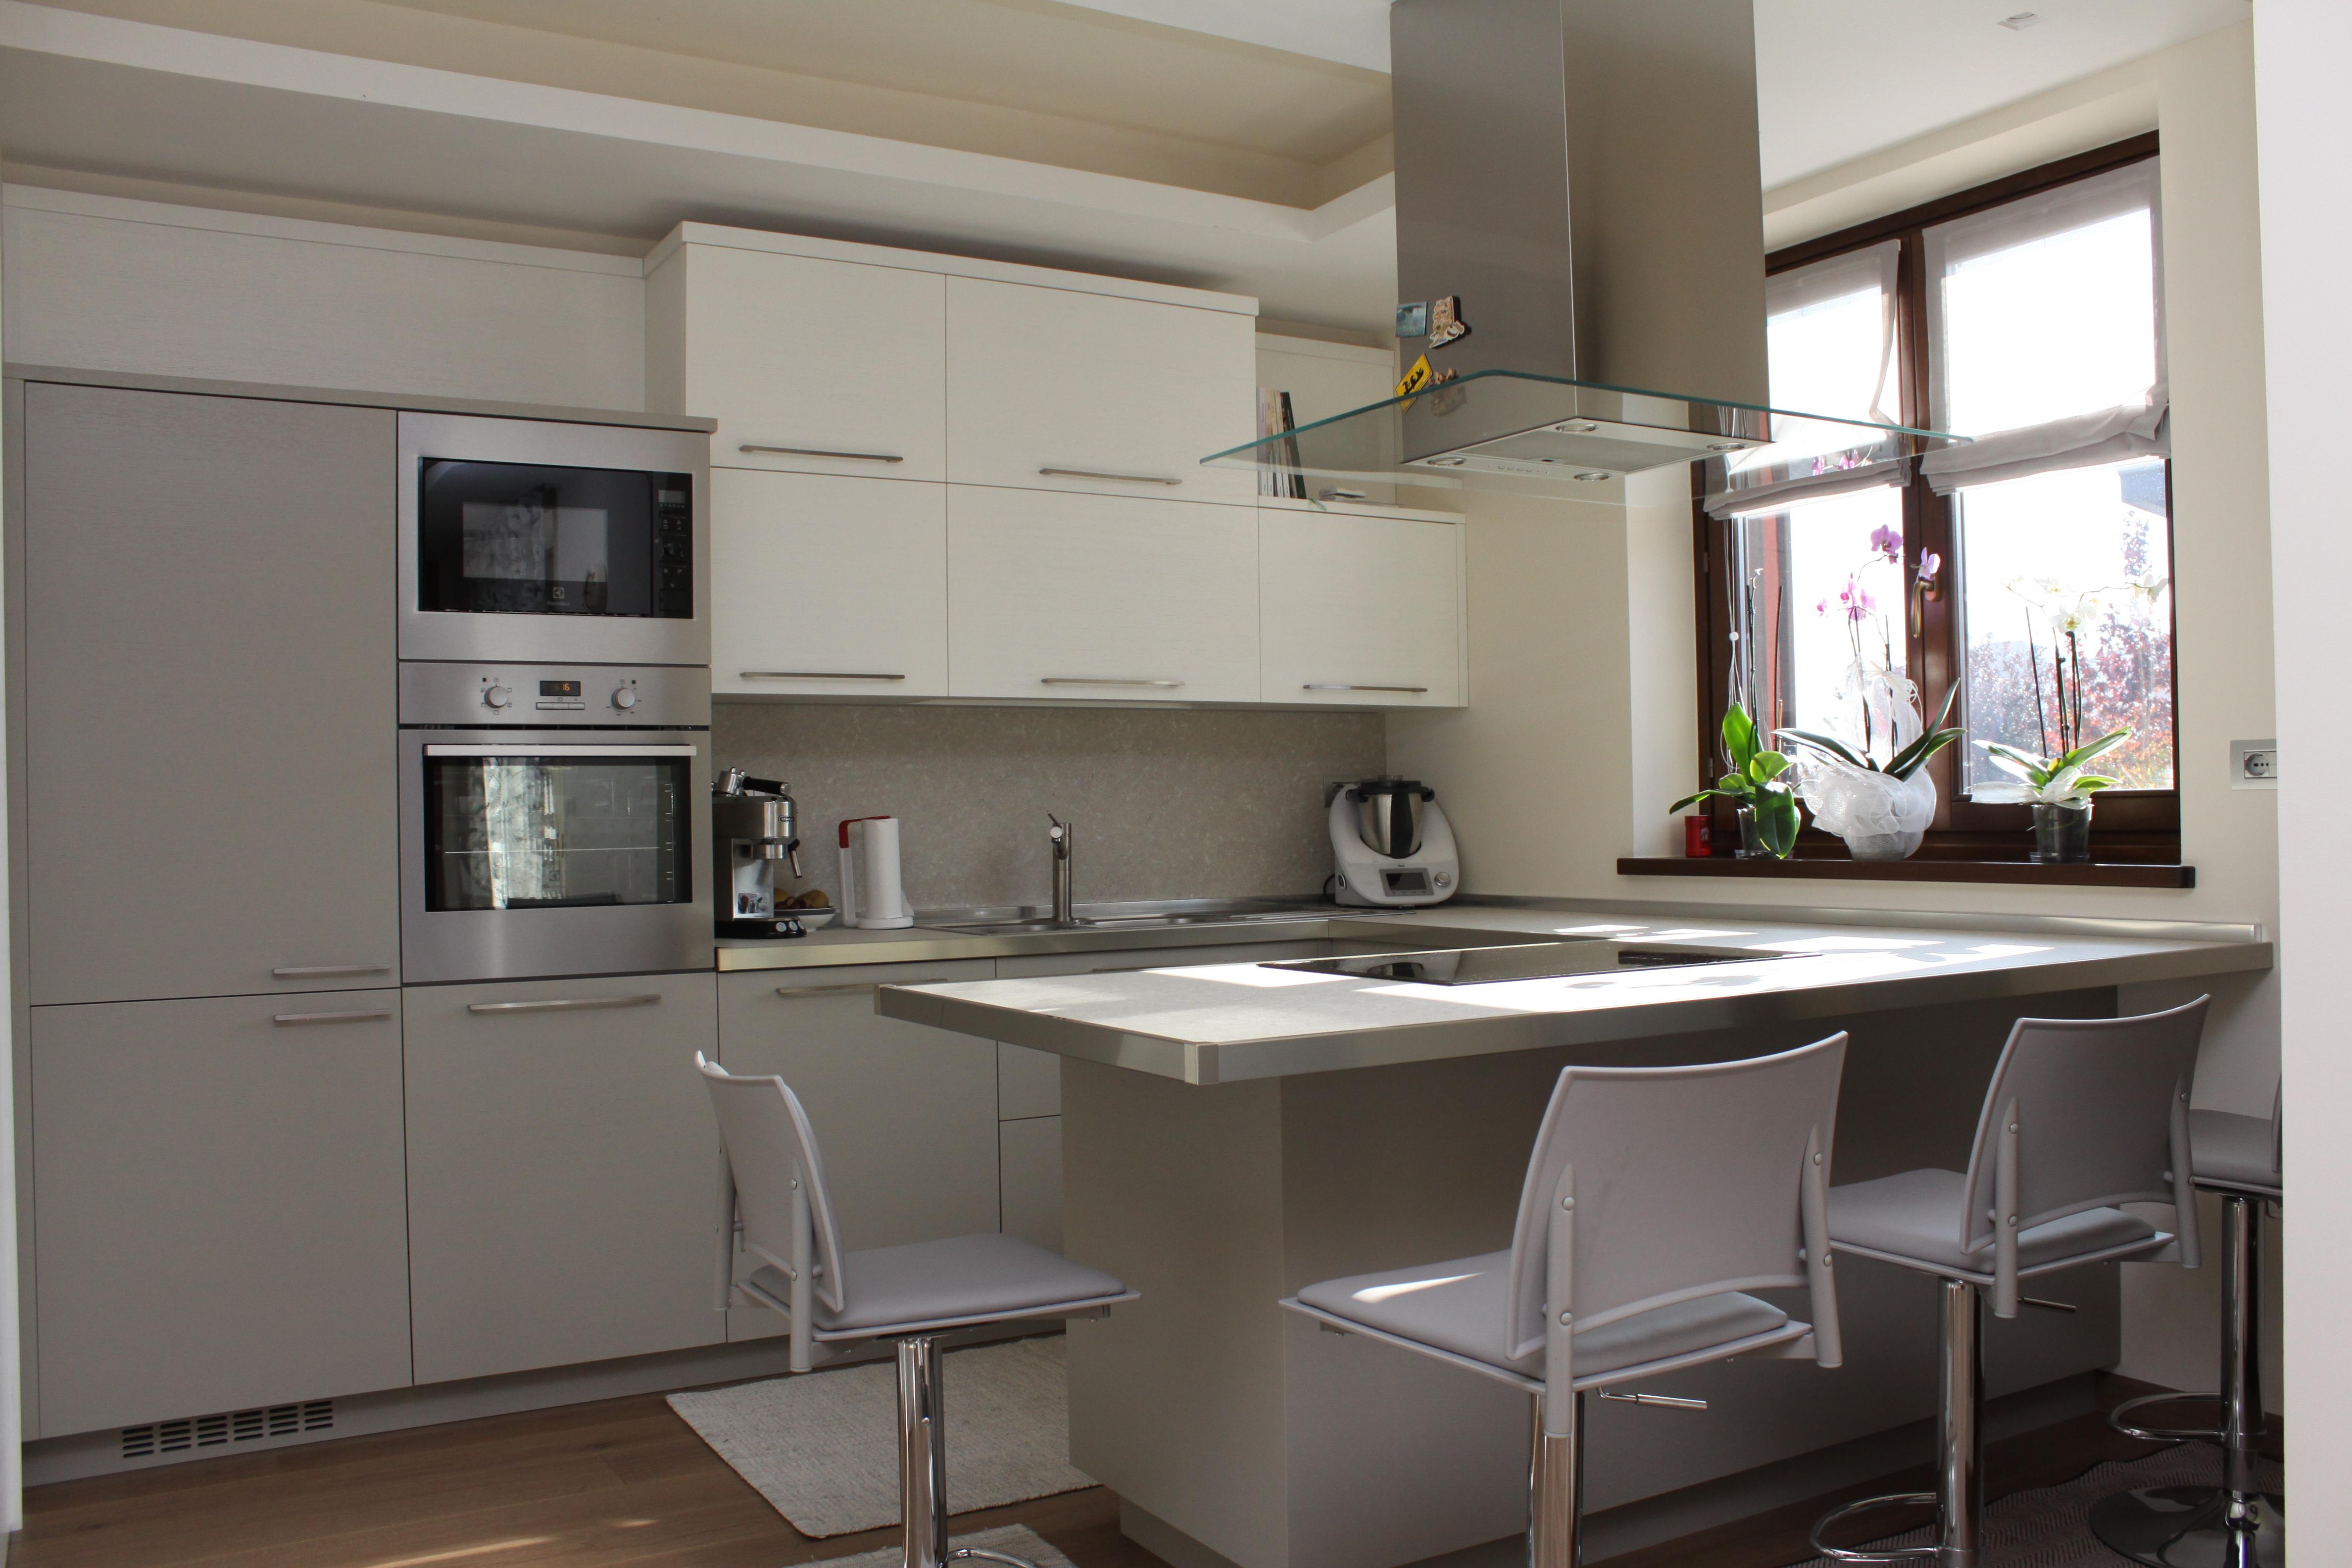 Cucine cuneo prezzi cucine cuneo offerte cucine cuneo for Cucine e cucine